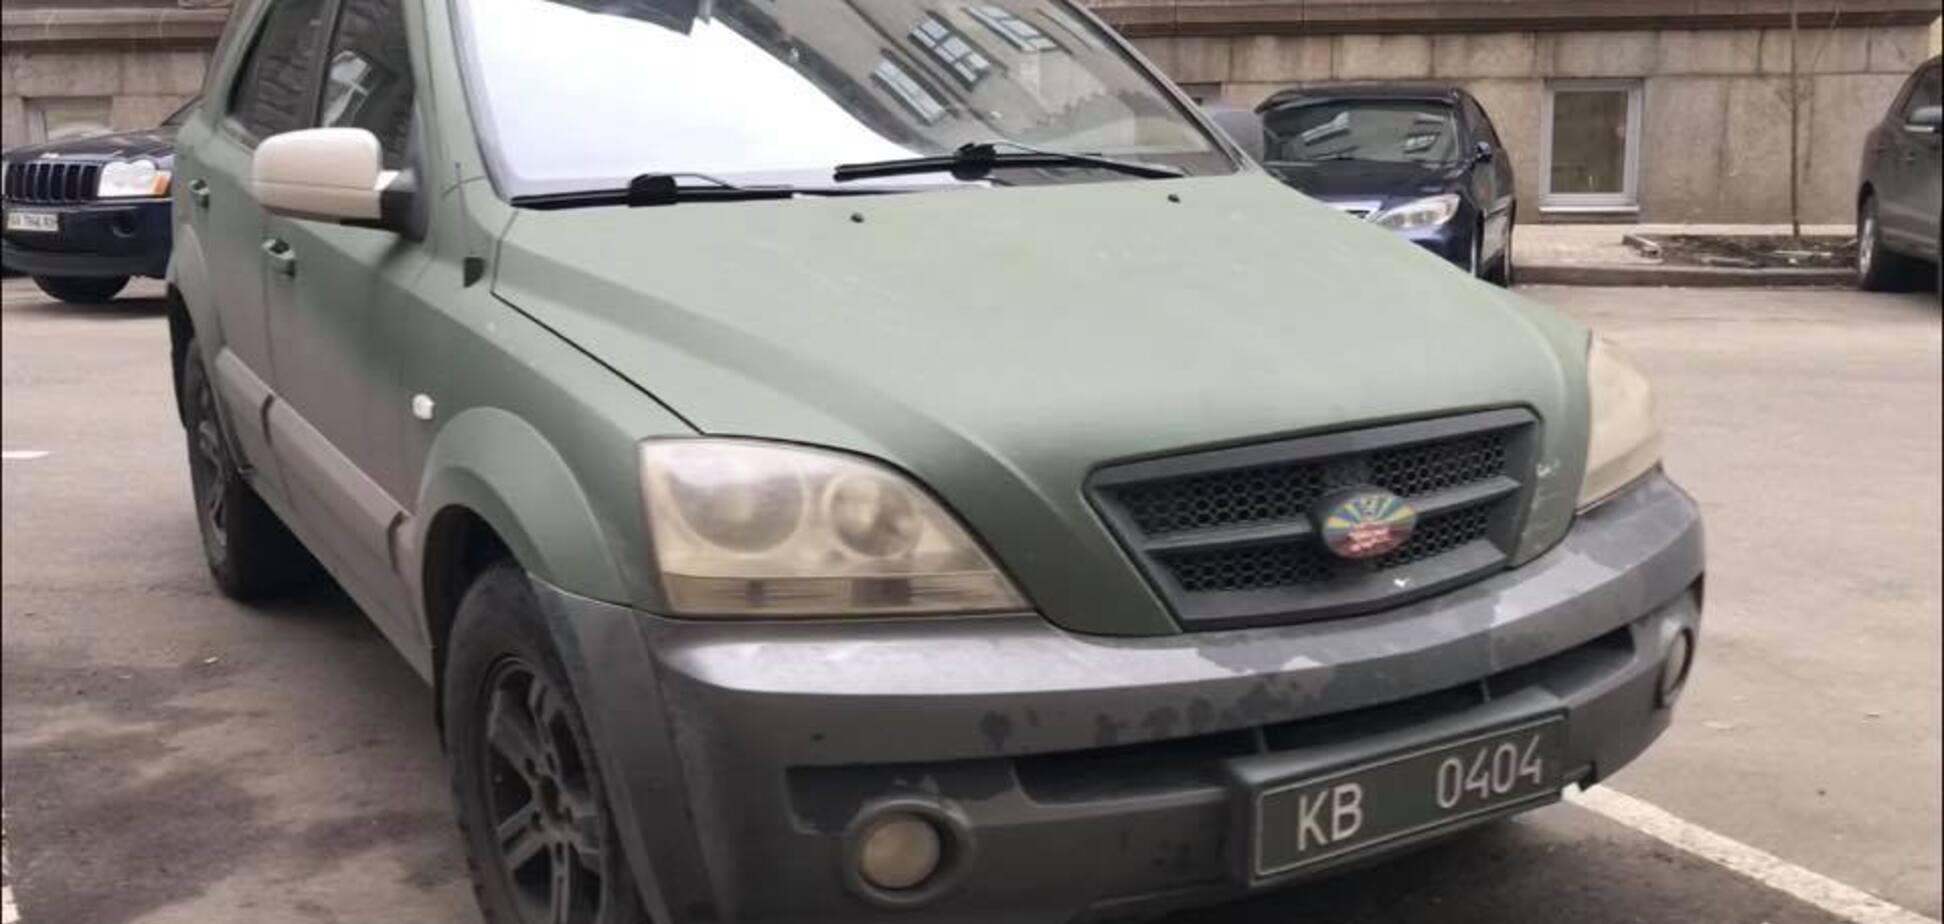 Ездит незаконно: всплыли новые детали о скандальном авто Гаврилюка